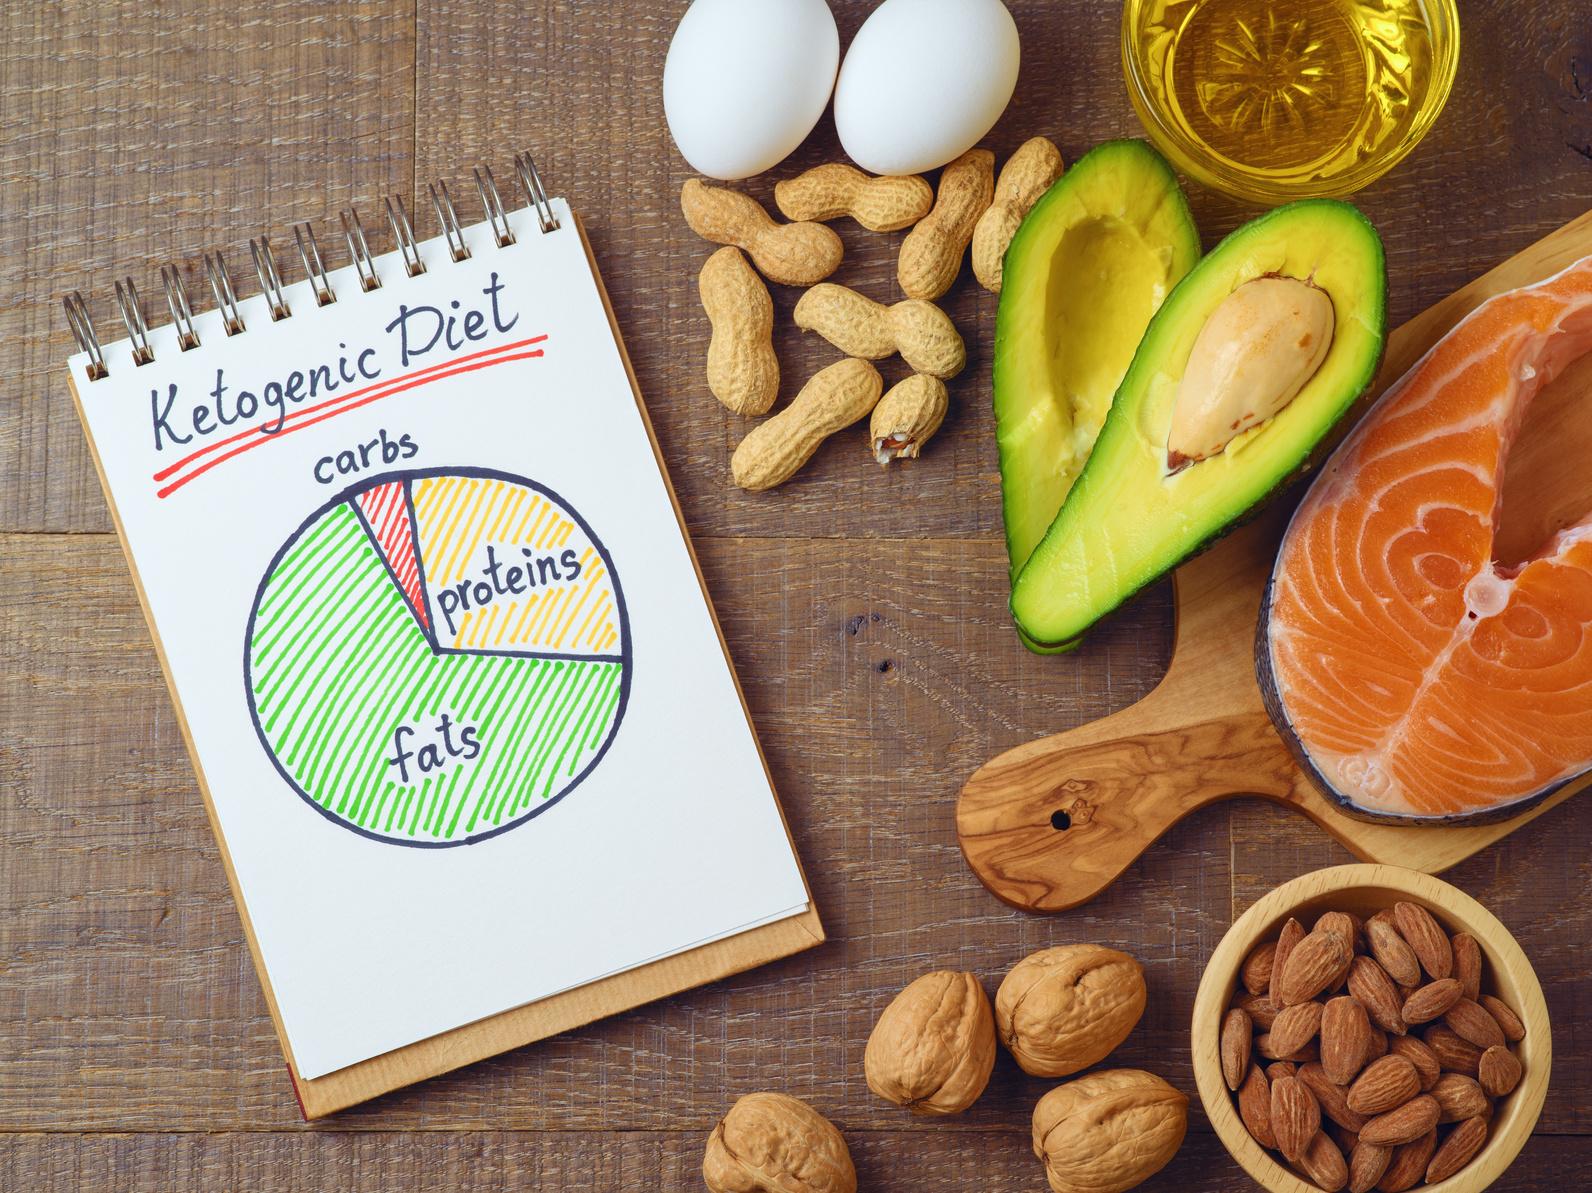 Alimenti per dieta chetogenica: i migliori proposti da NuvolaZero